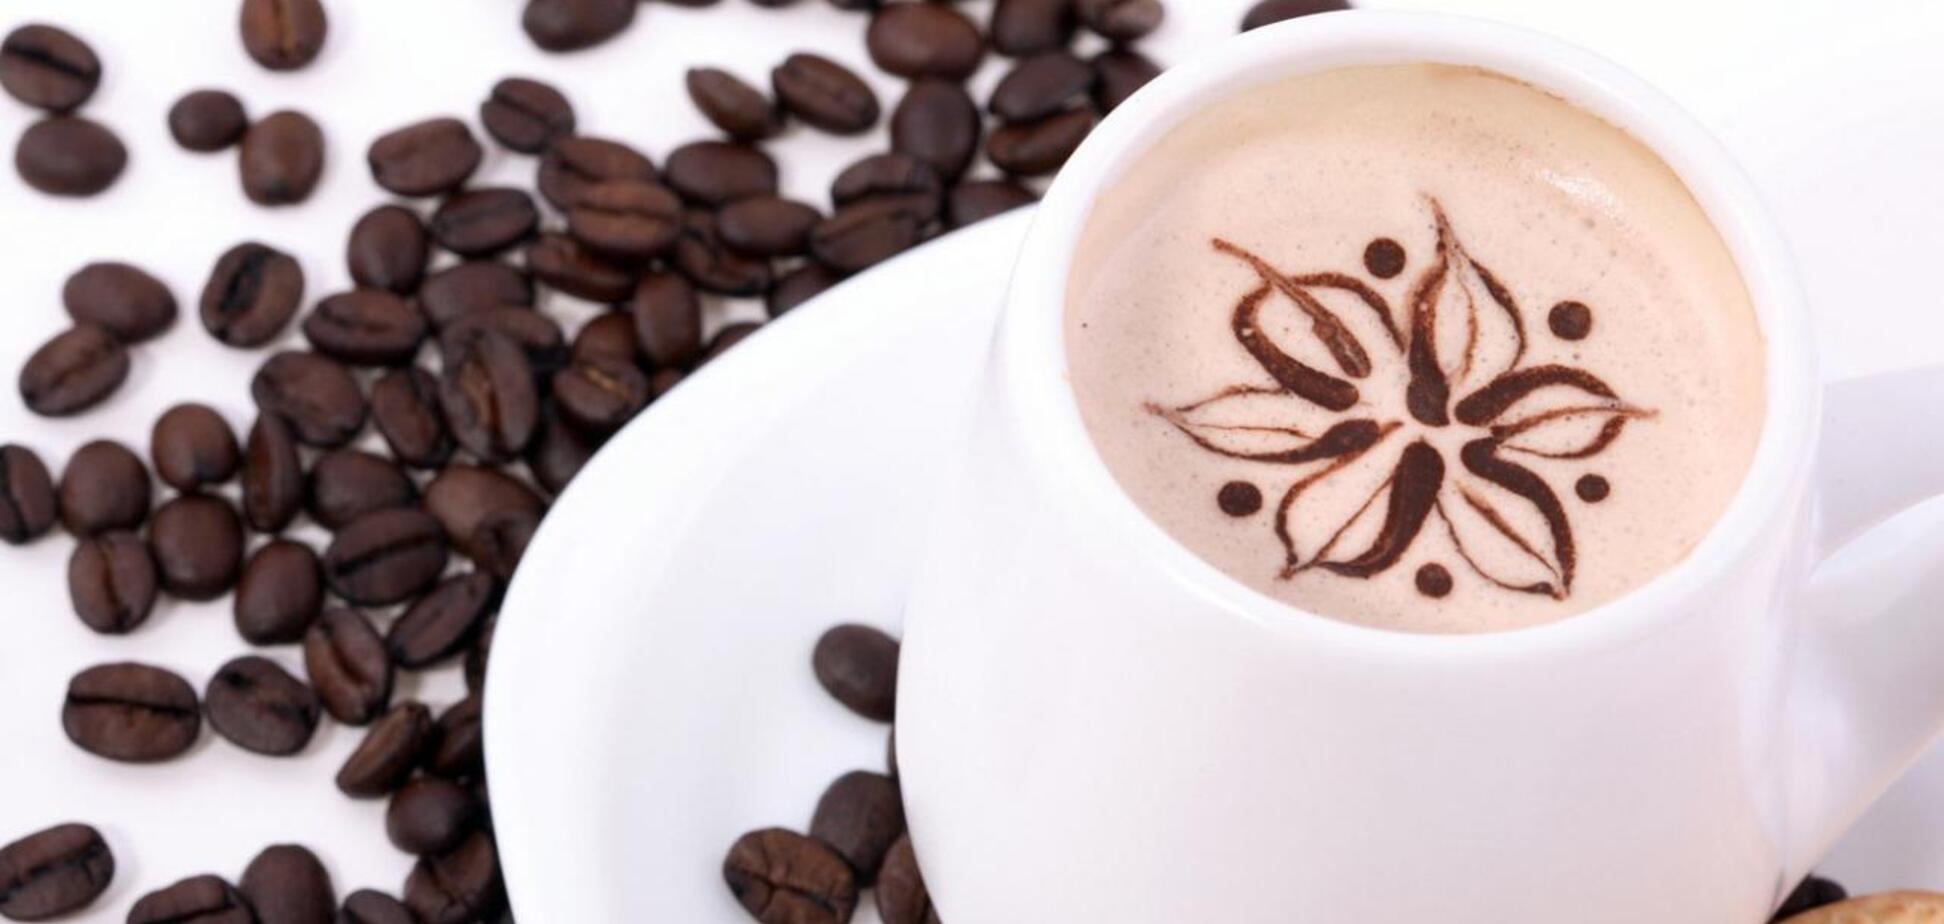 Від яких смертельних хвороб 'рятує' кава: дослідження